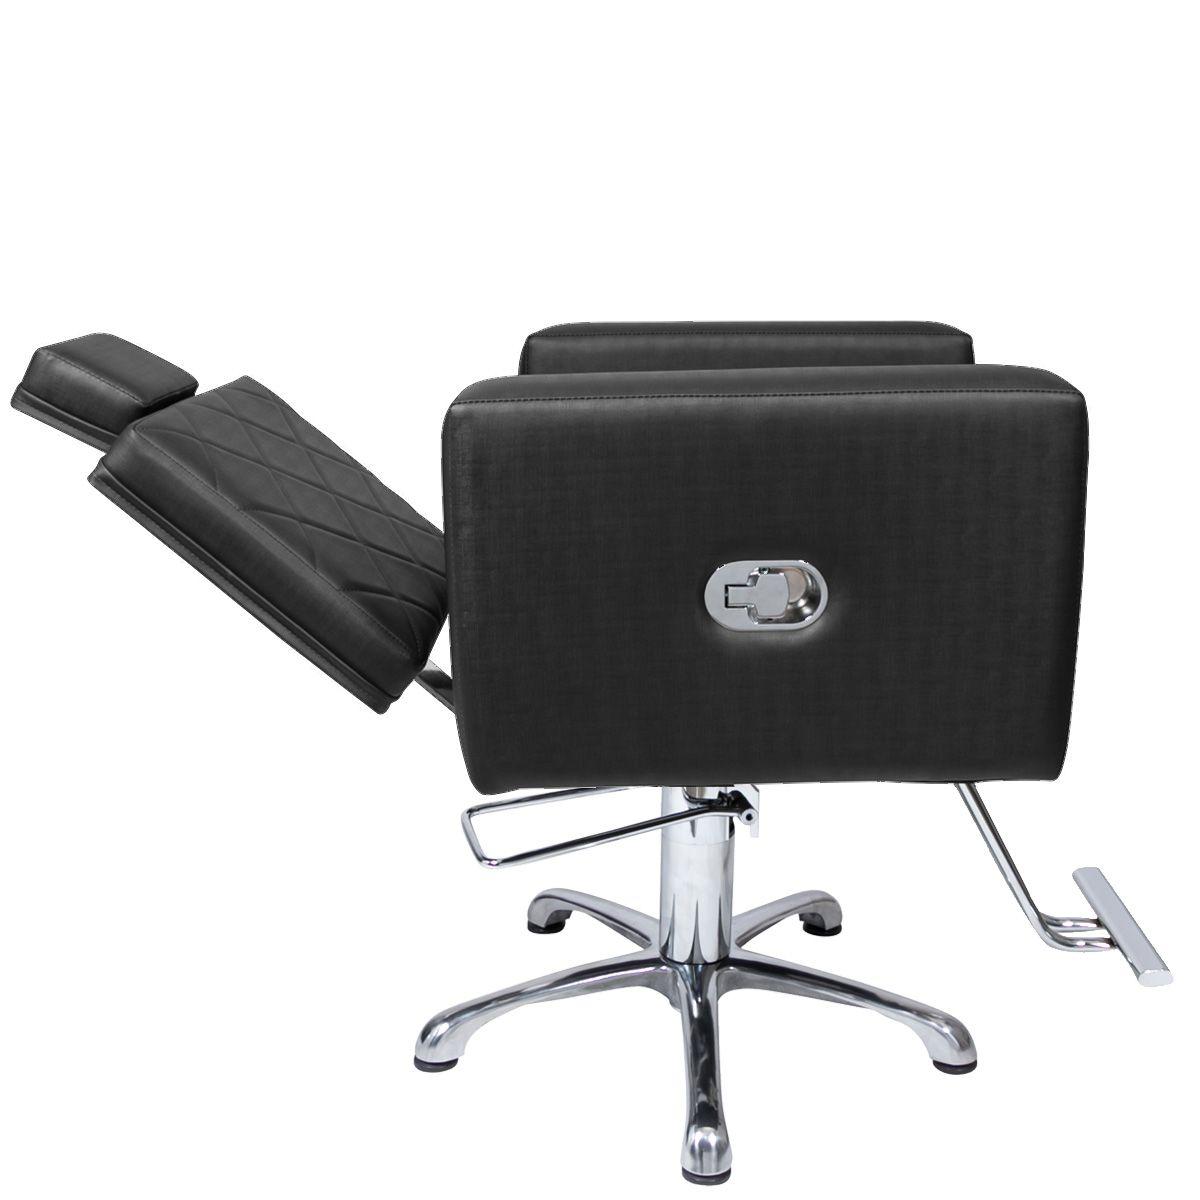 Poltrona Cadeira Hidráulica Evidence Reclinável Para Salão